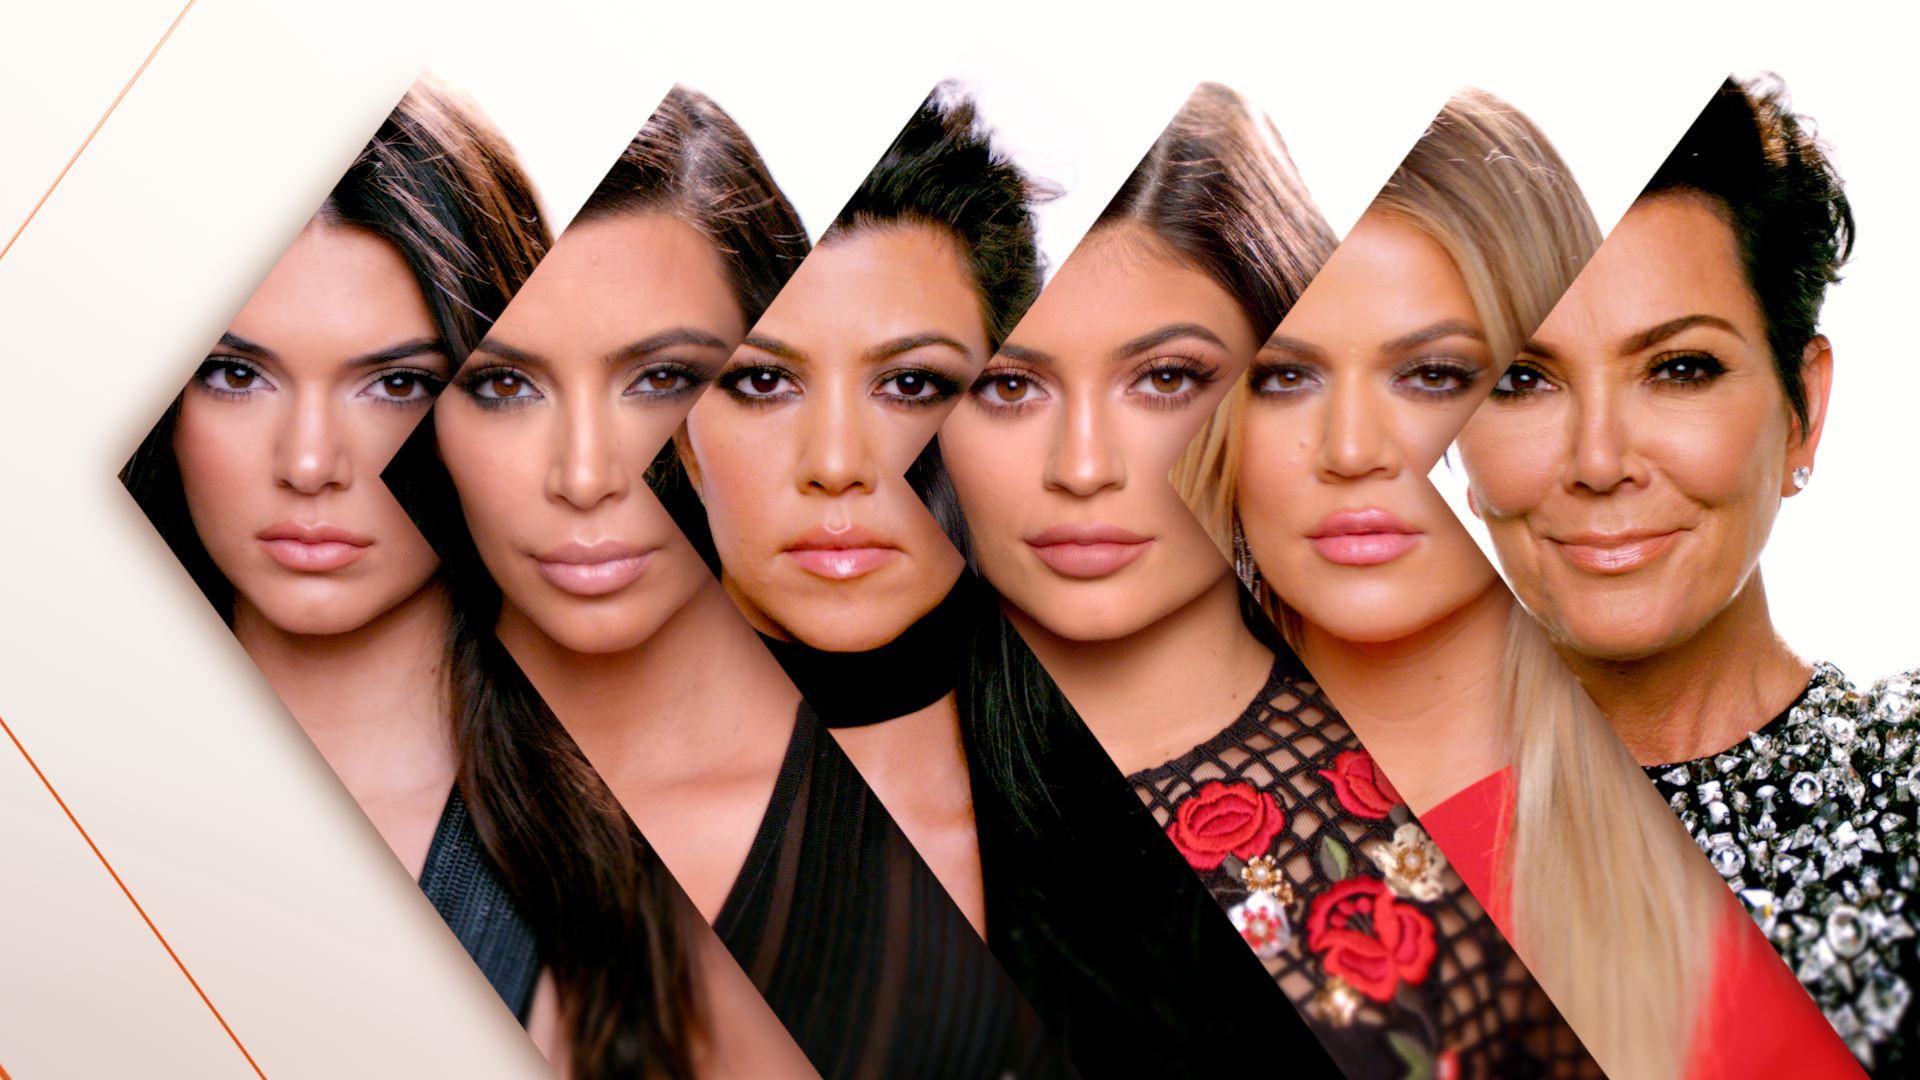 10 năm đế chế thị phi Kardashian: Nữ quyền hay thói cuồng danh?